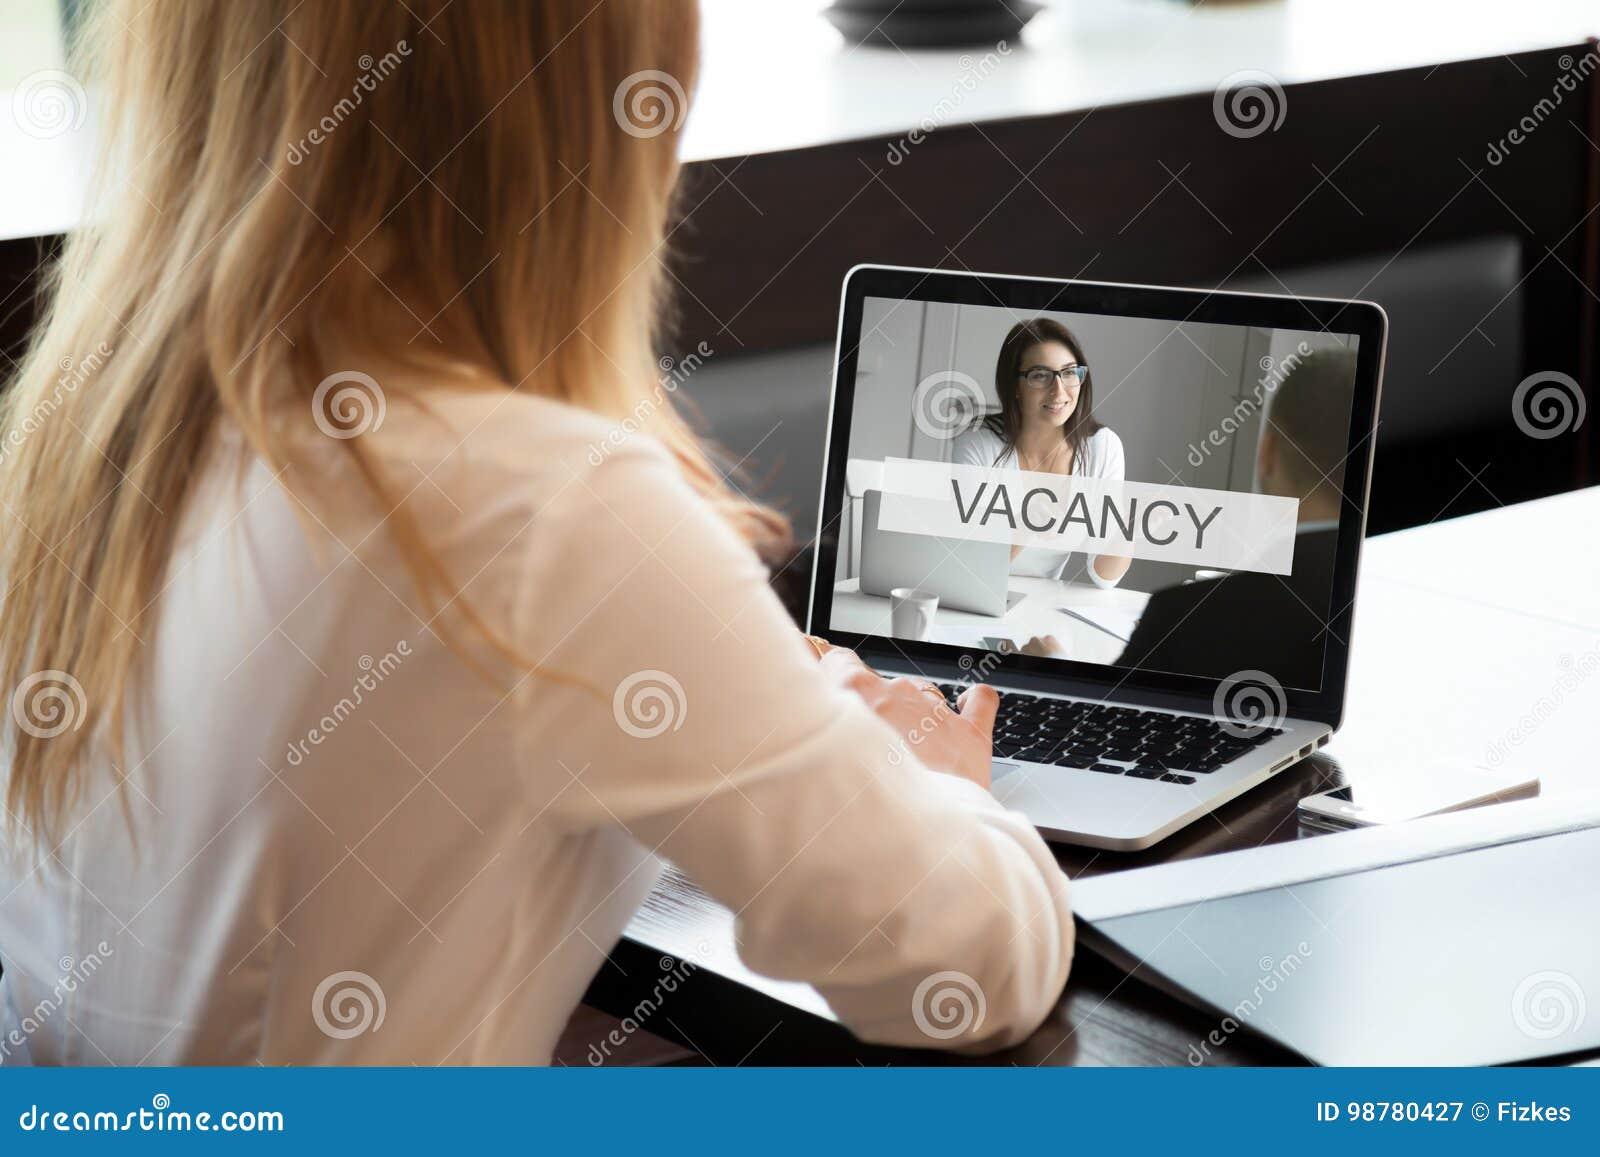 U-de manager opent beschikbare bedrijfvacature, baanaanbieding online, cl